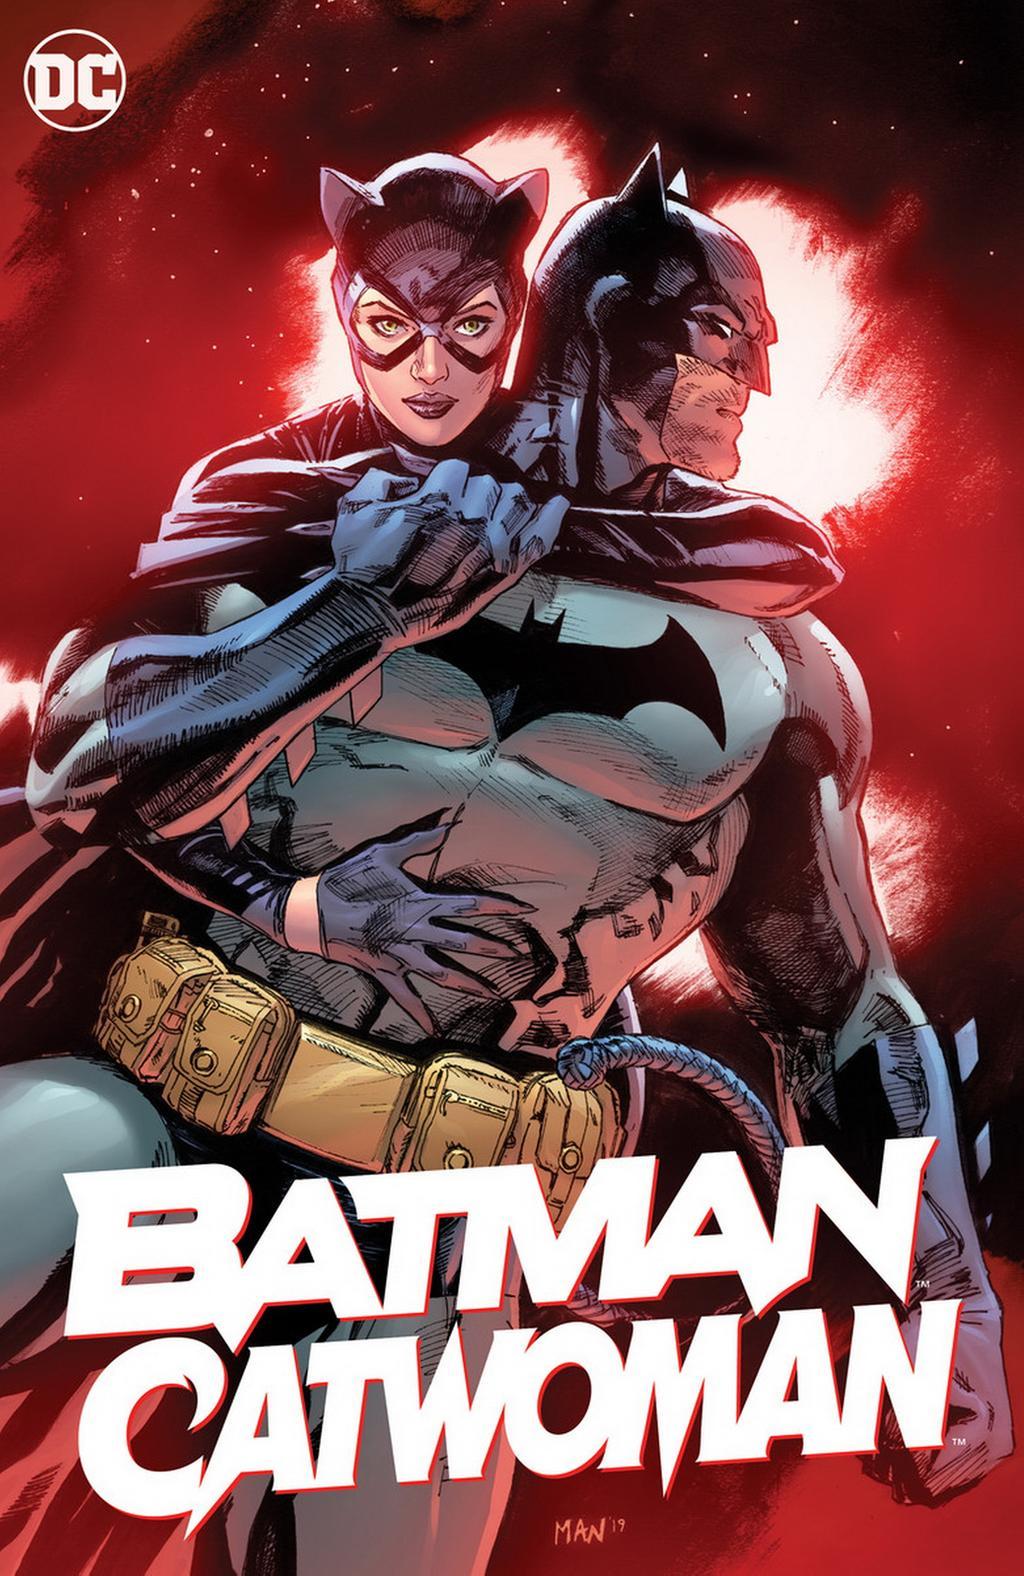 когда выйдет комикс Batman/Catwoman